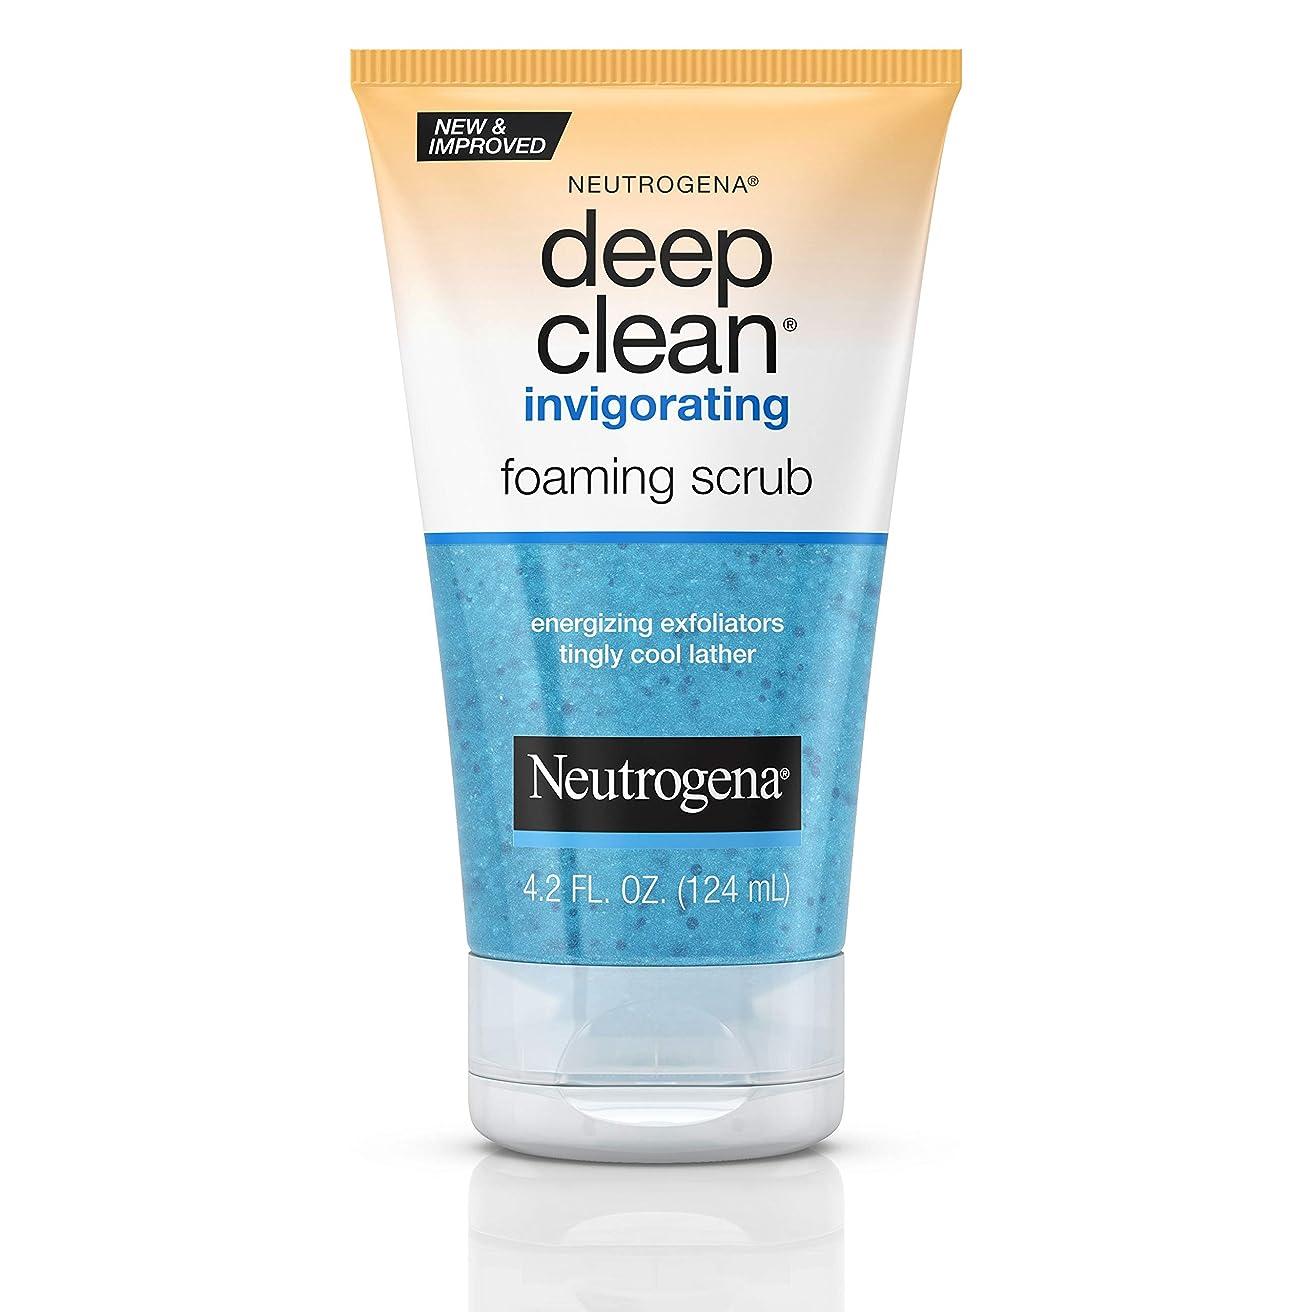 反対した外交教えるNeutrogena Deep Clean Invigorating Foaming Scrub ニキビのための皮膚の奥までキレイにする洗顔ジェル125ml